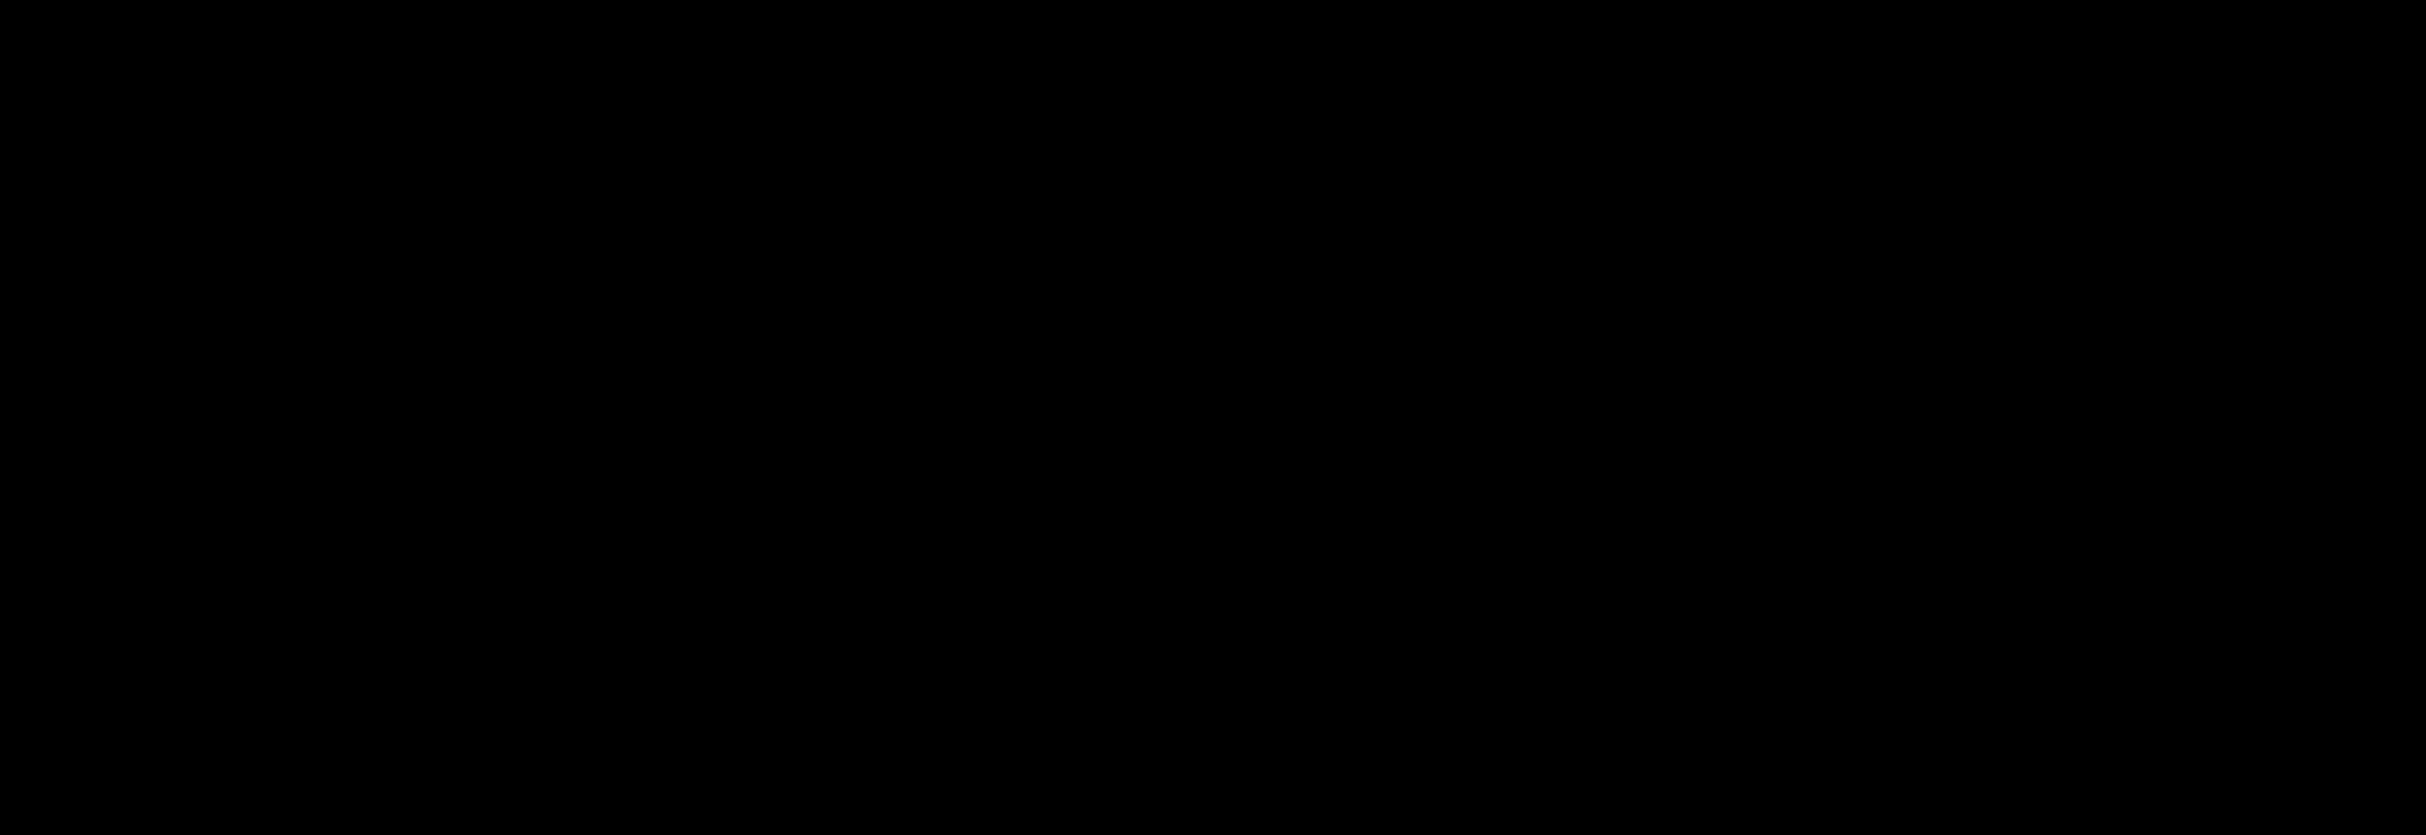 smotret-eblya-v-saune